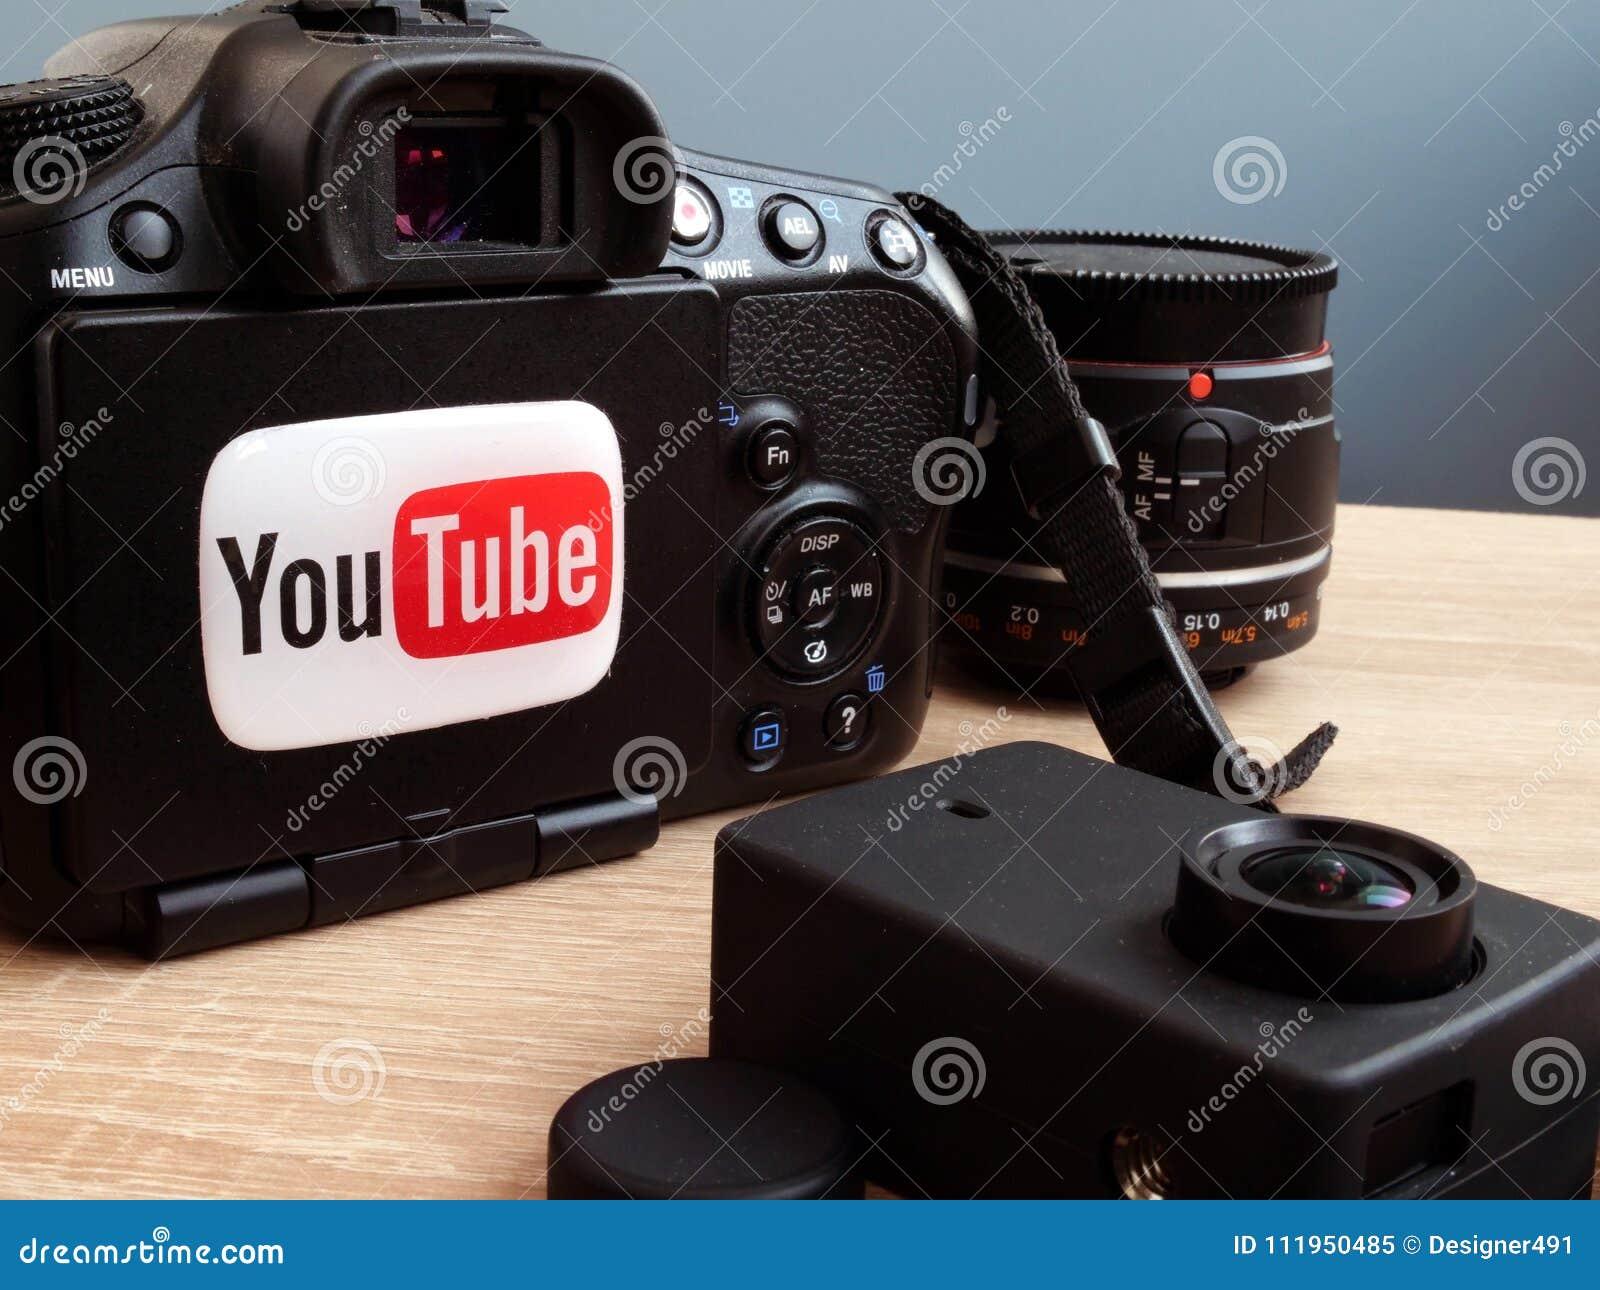 2018年3月04日 Kyiv 乌克兰 在照相机的YouTube商标 录影blogging或vlogs概念